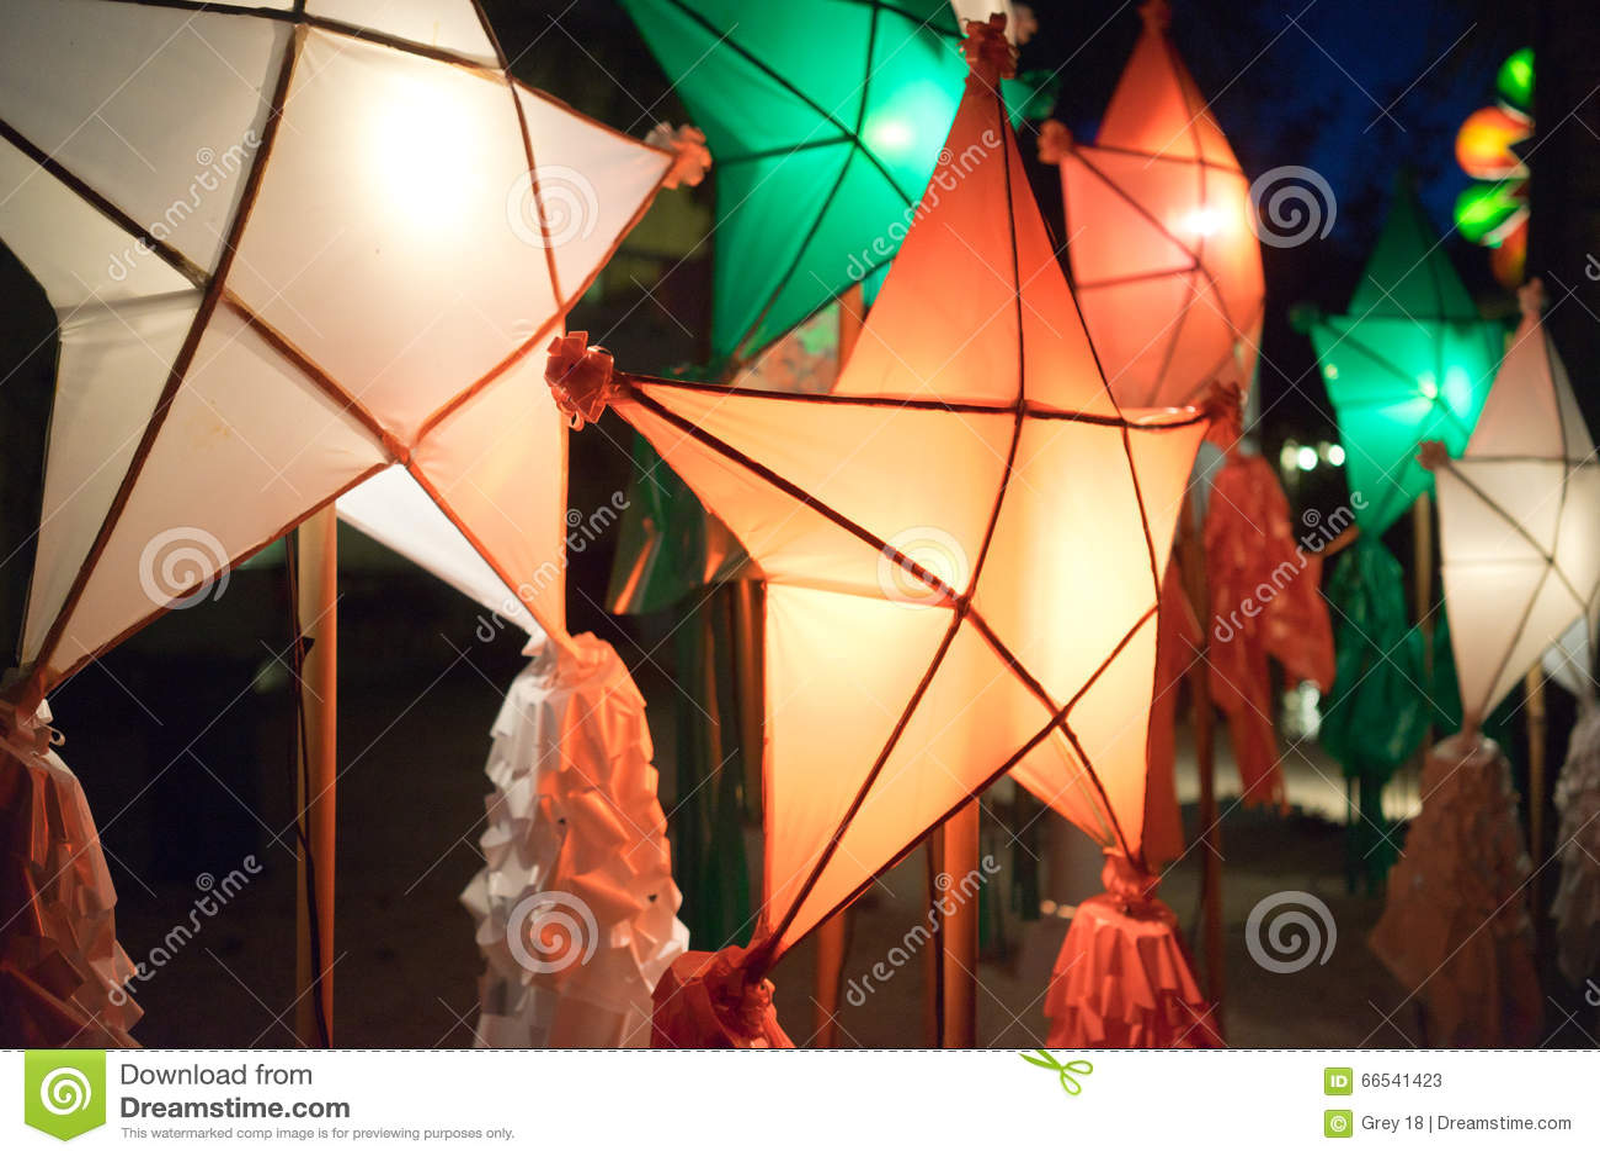 Christmas Lanterns Philippines Stock Image Image Of Native Decor